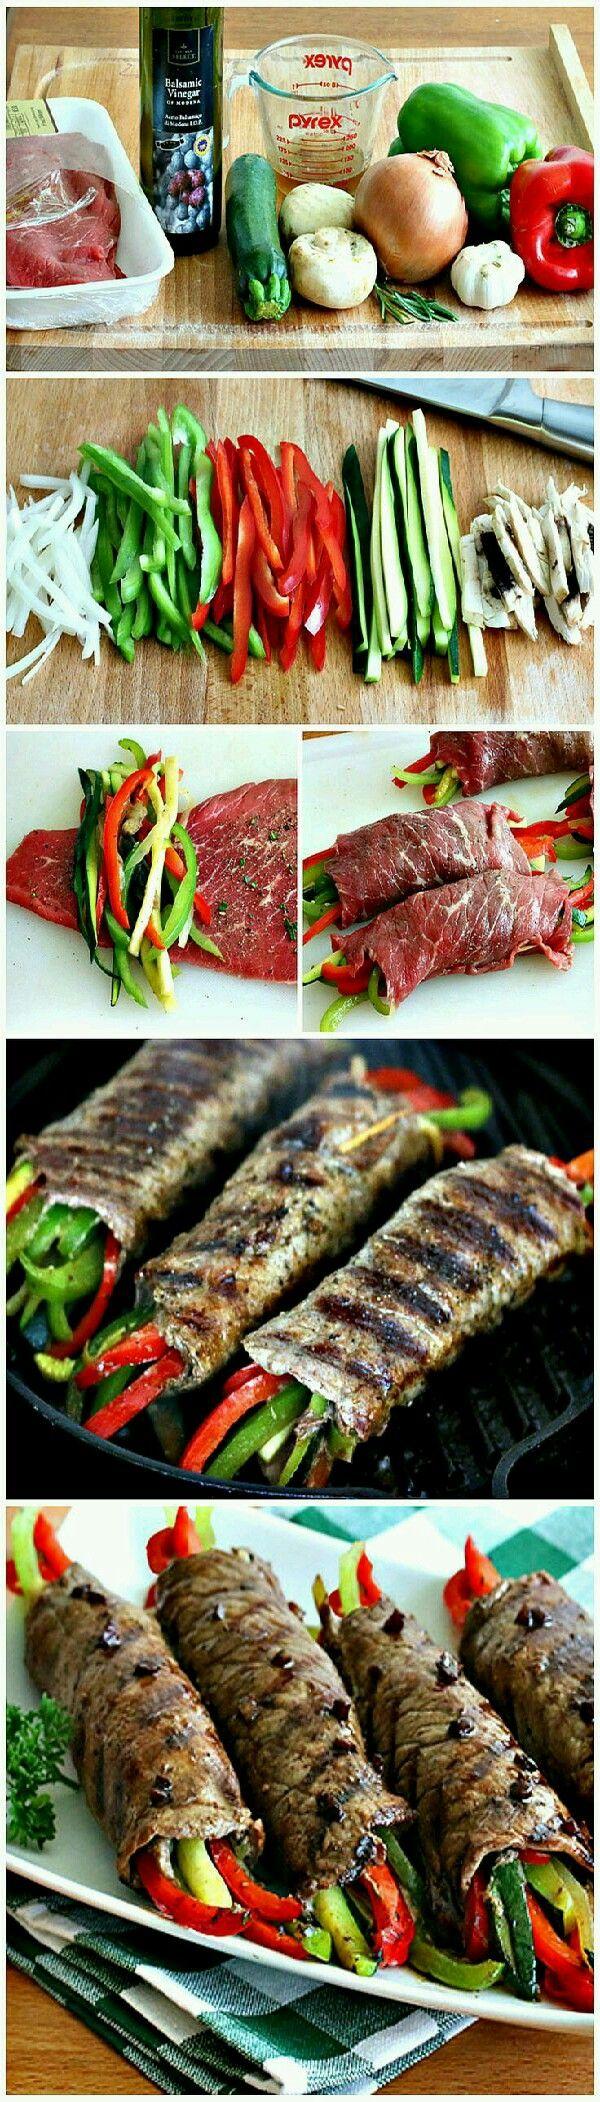 Balsamic glazed steak rolls.